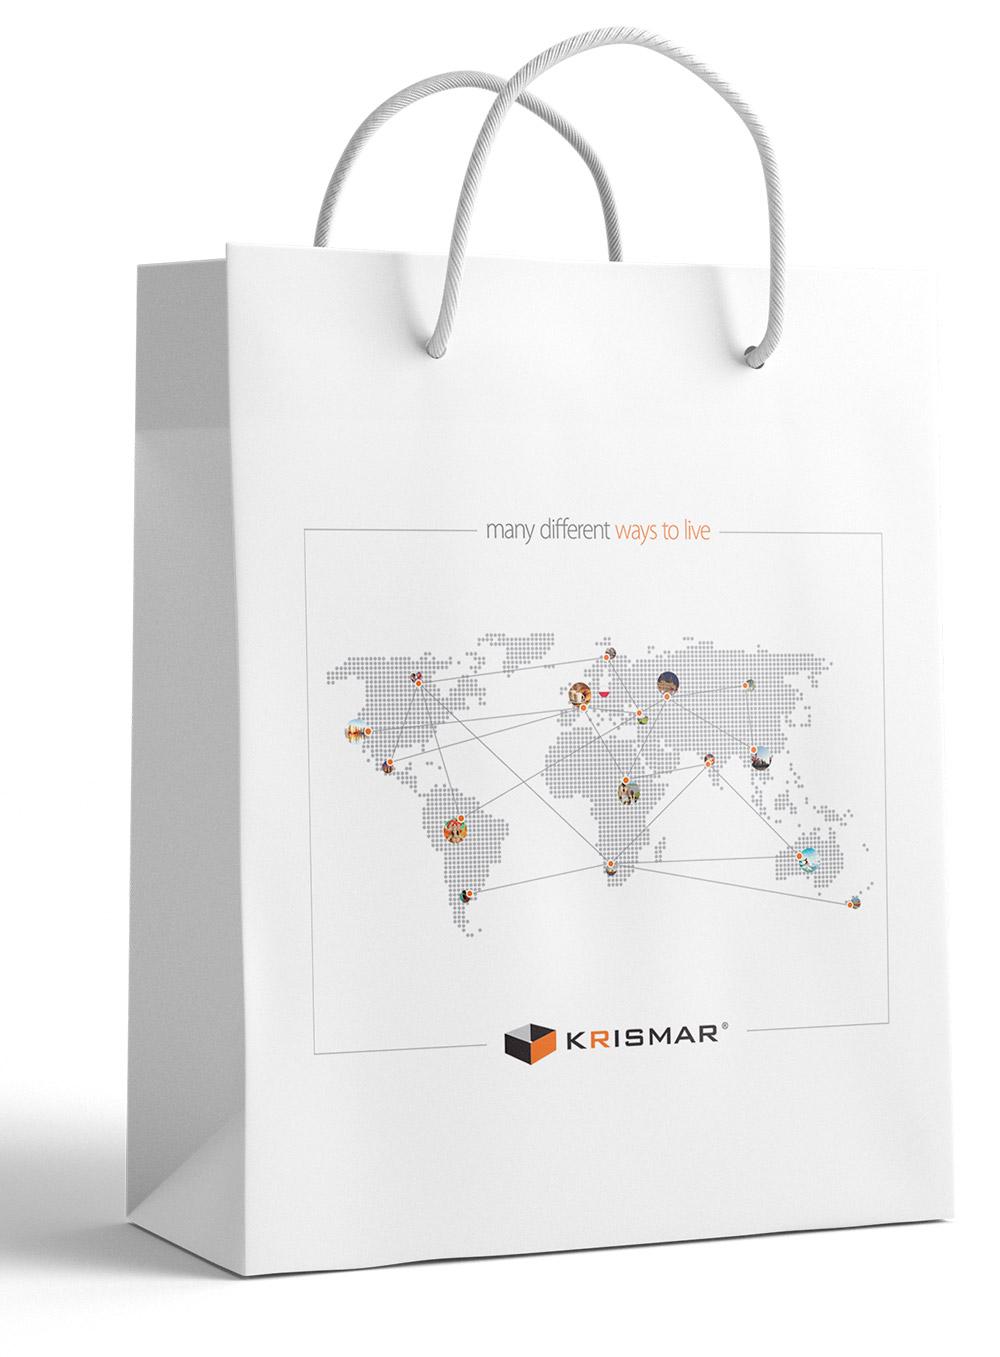 Krismar edycja 2016 projekt i druk papierowych toreb reklamowych